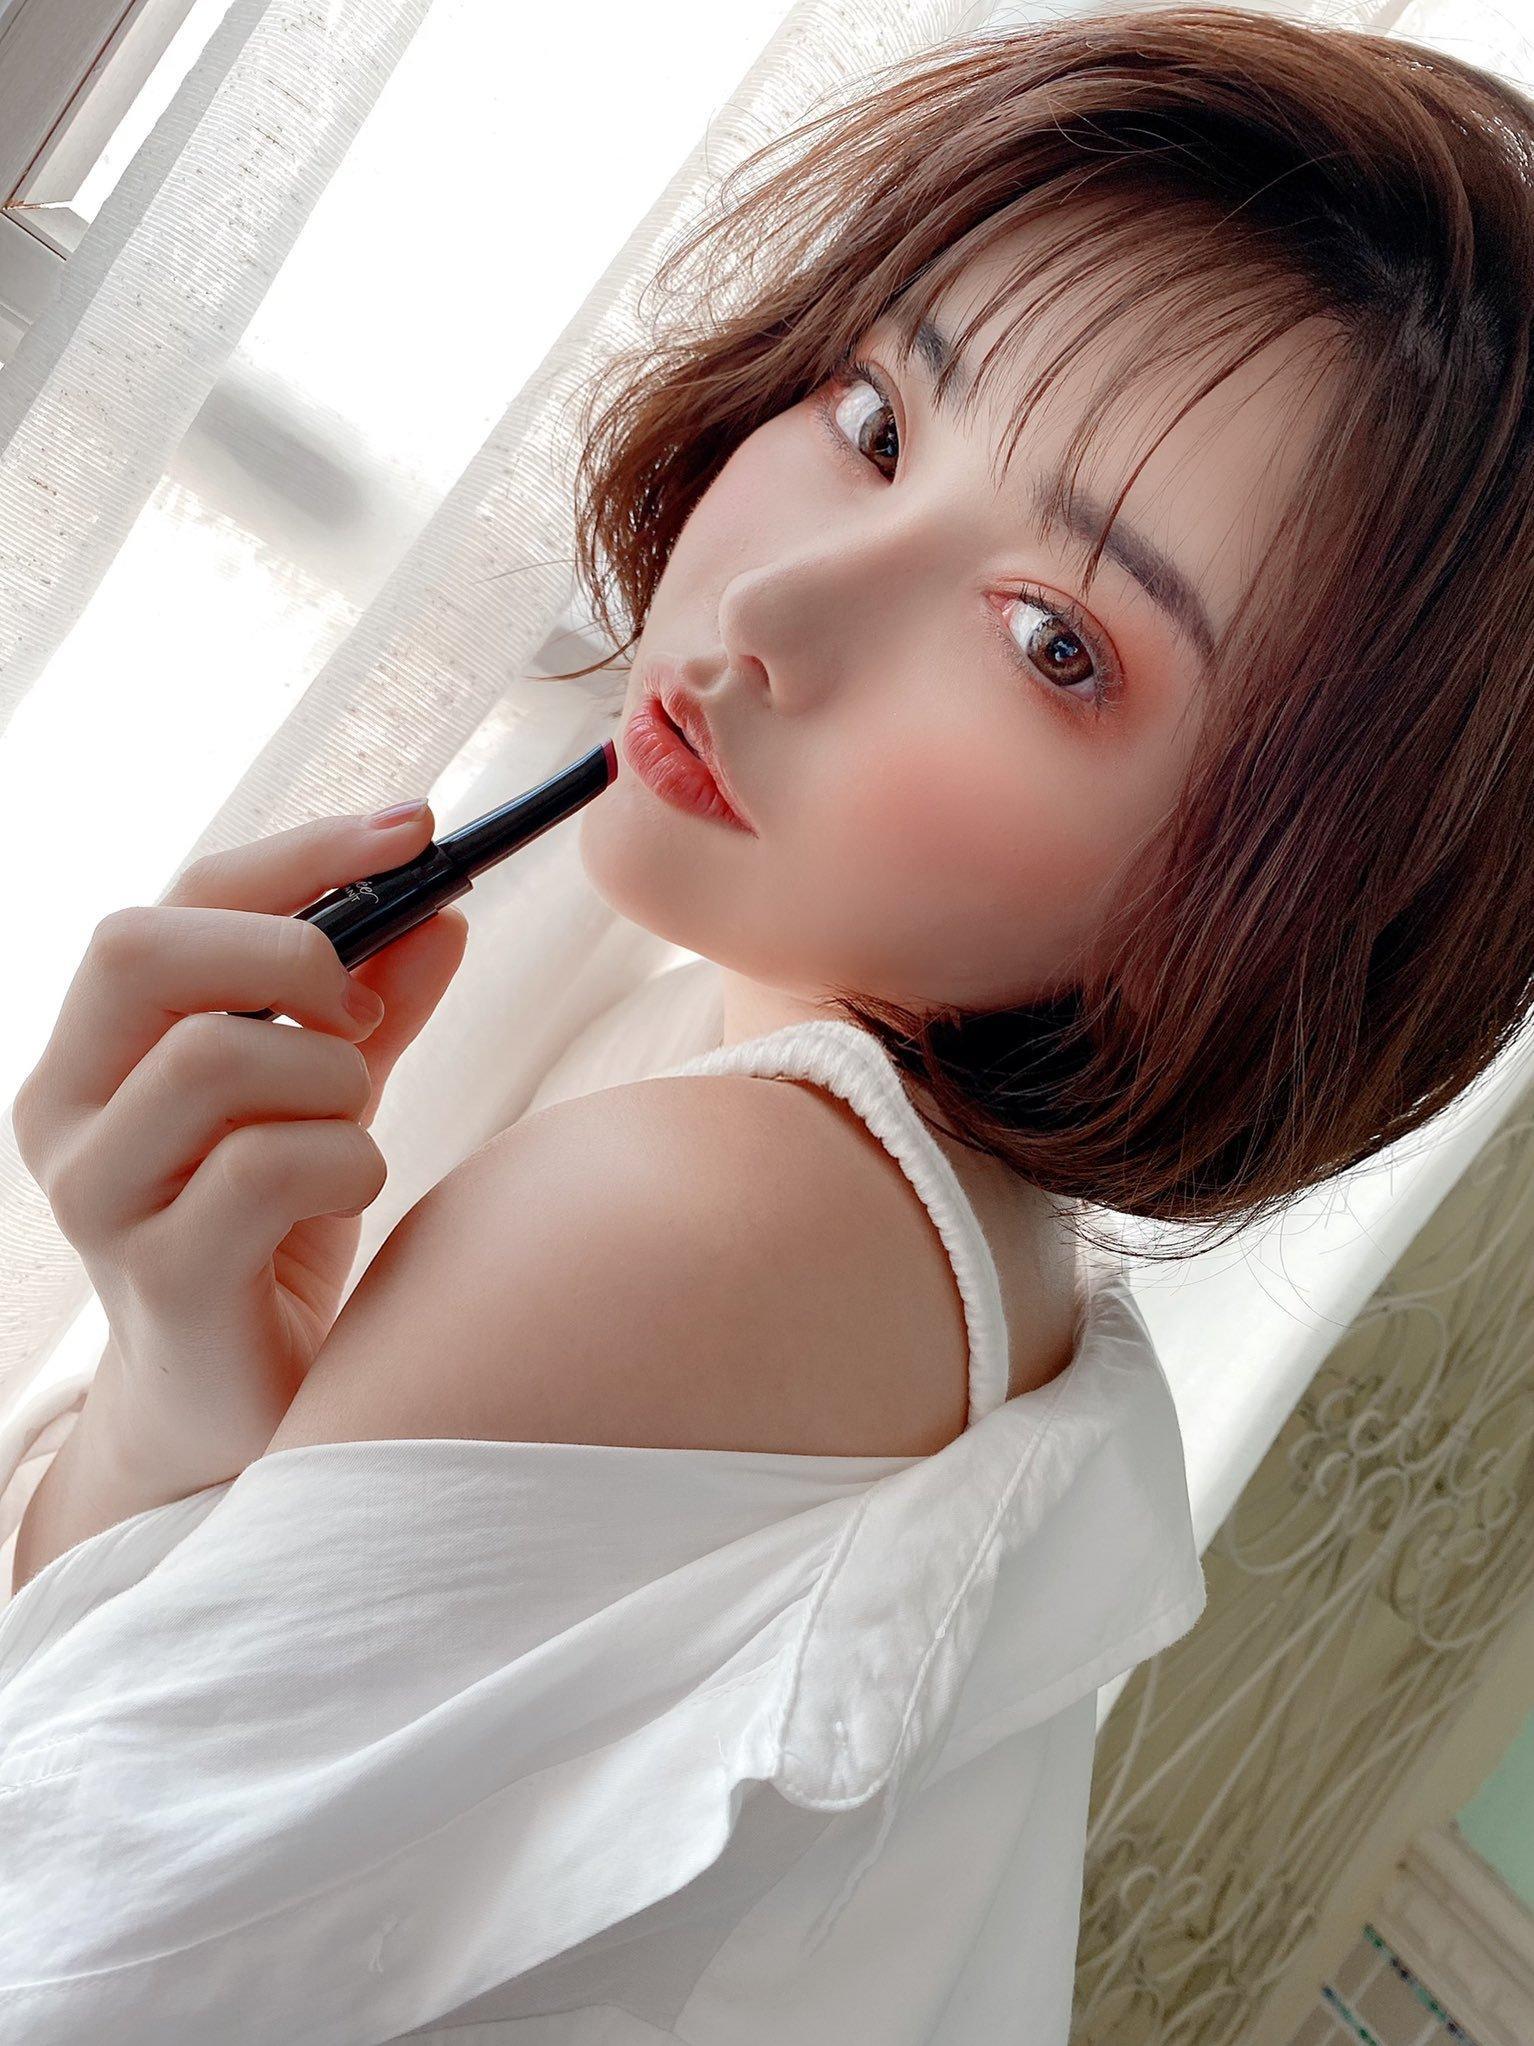 深田咏美再现魅魔 葵铃奈瘦小水着插图(74)